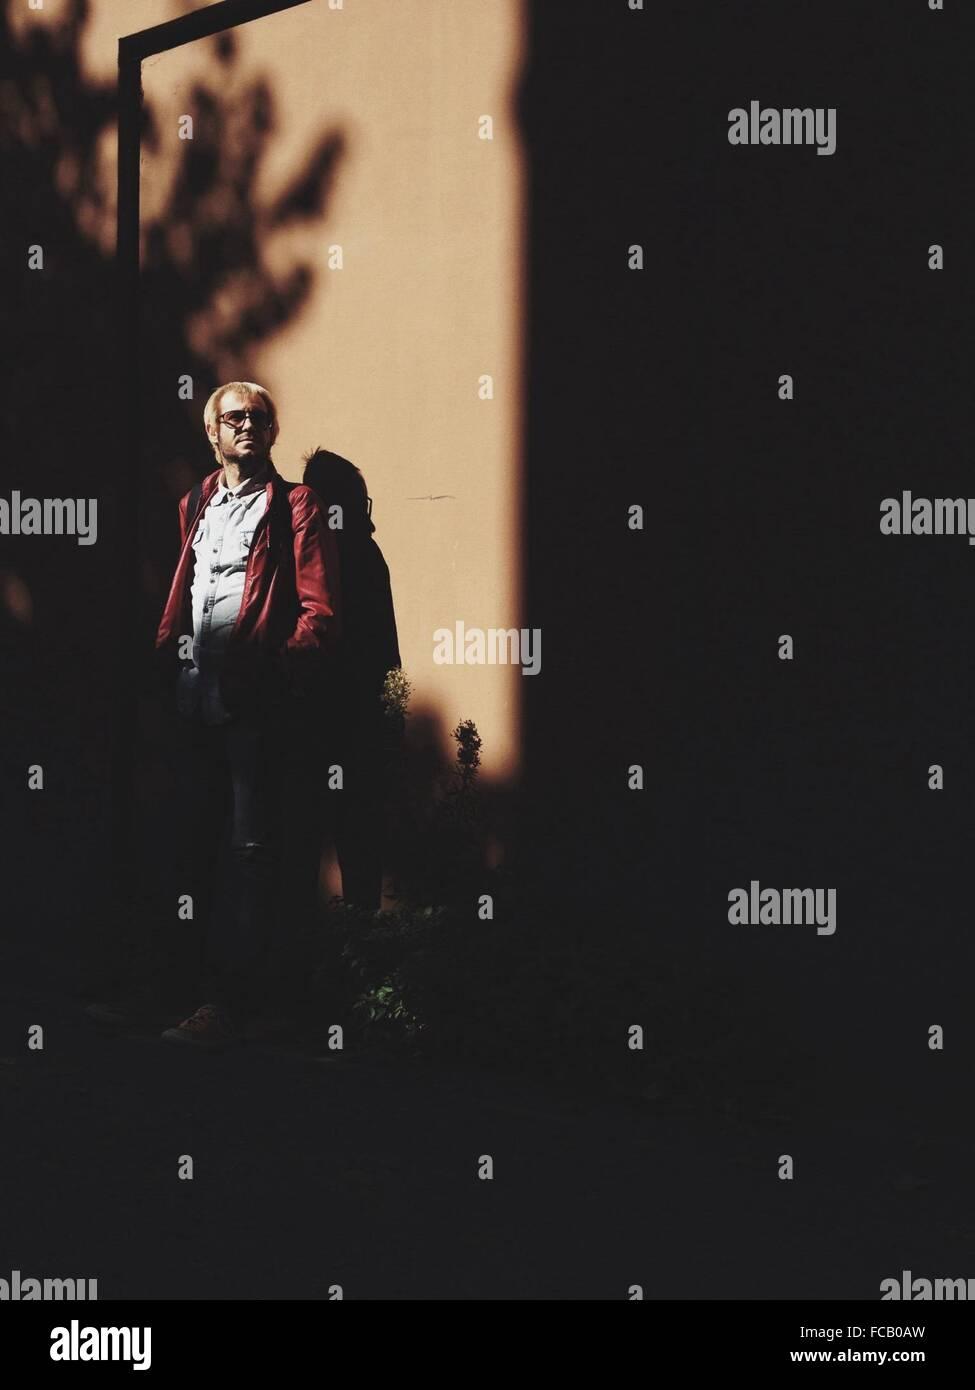 Gesamte Länge der Mann auf der Straße Stockfoto